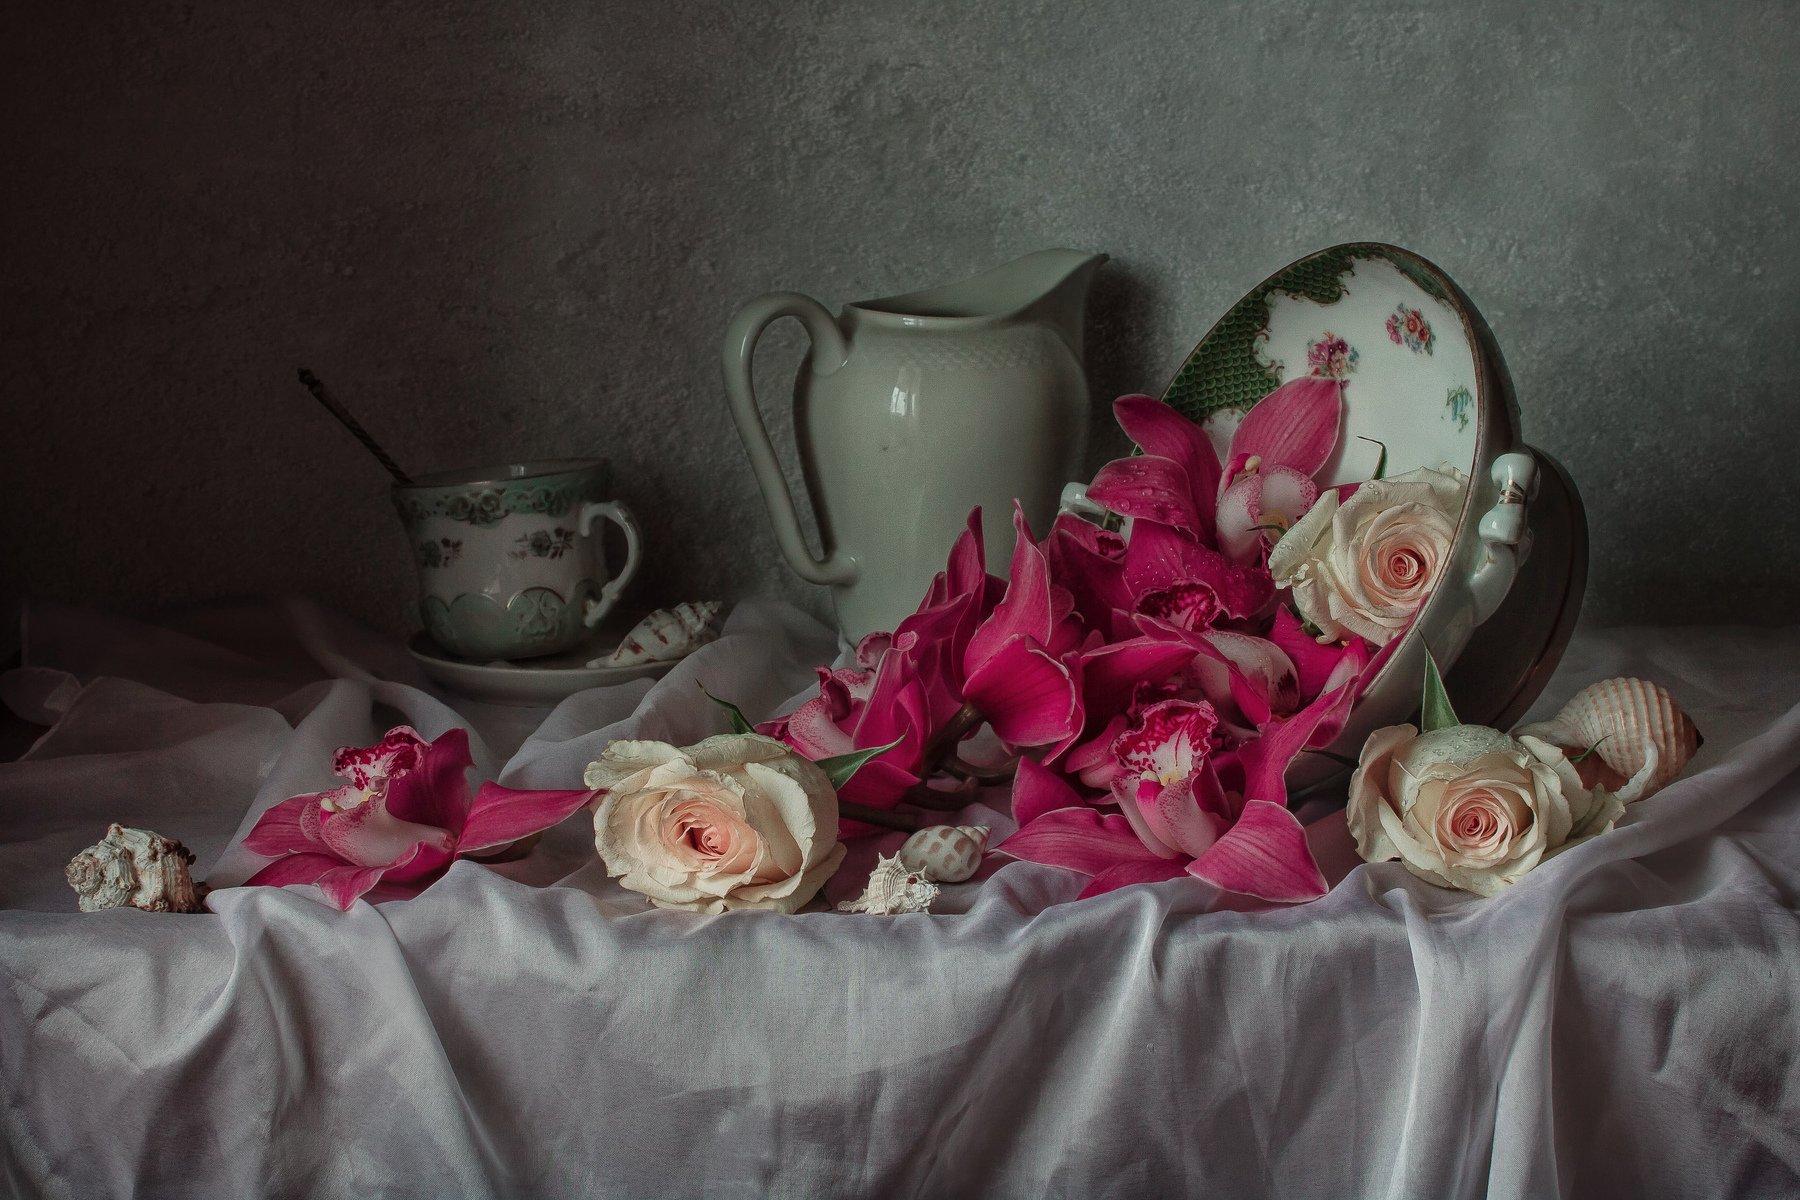 натюрморт, фарфор, цветы, орхидеи, розы, ракушки, Анна Петина